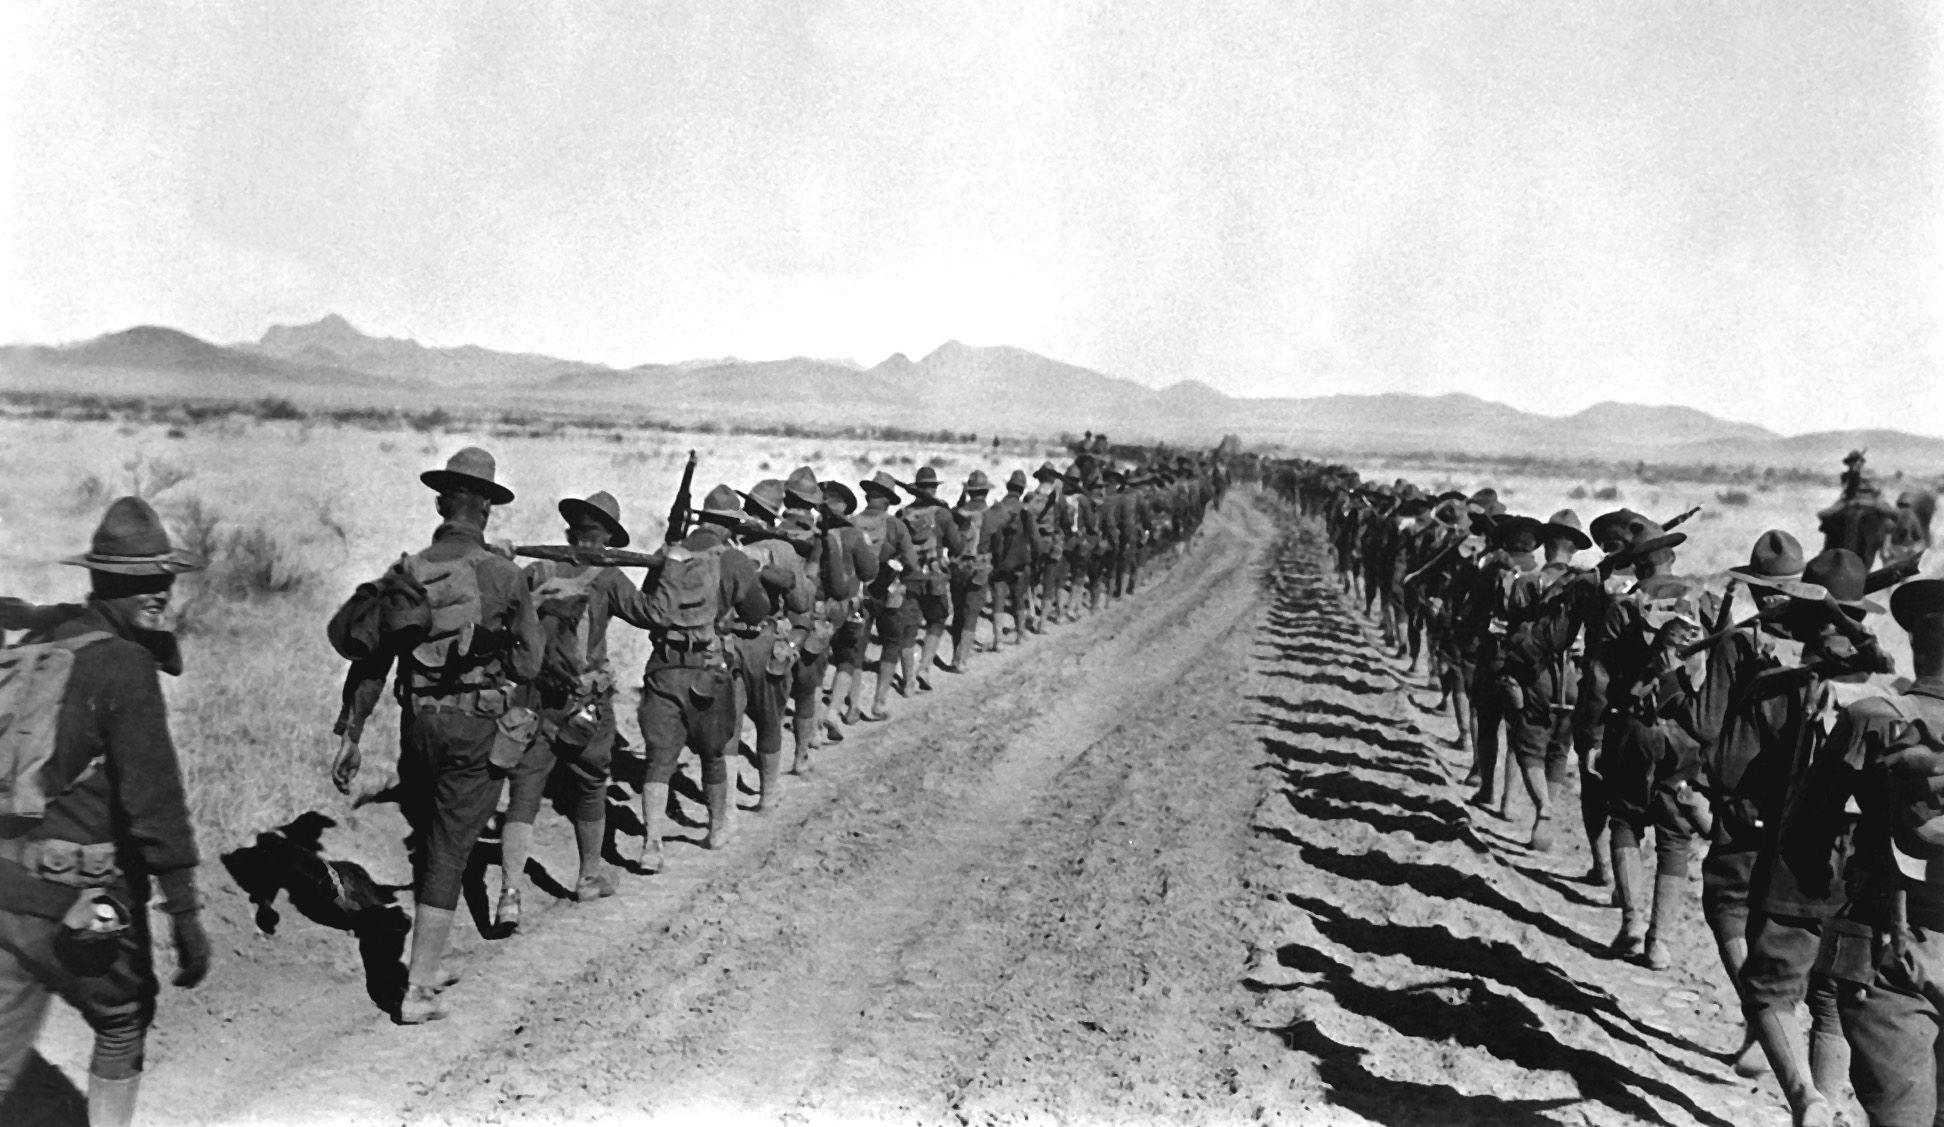 de regreso a USA los mas de 10,000 soldados al mando del General Pershing en la Expedición Punitiva de 1916 que nunca logro atrapar a Pancho Villa